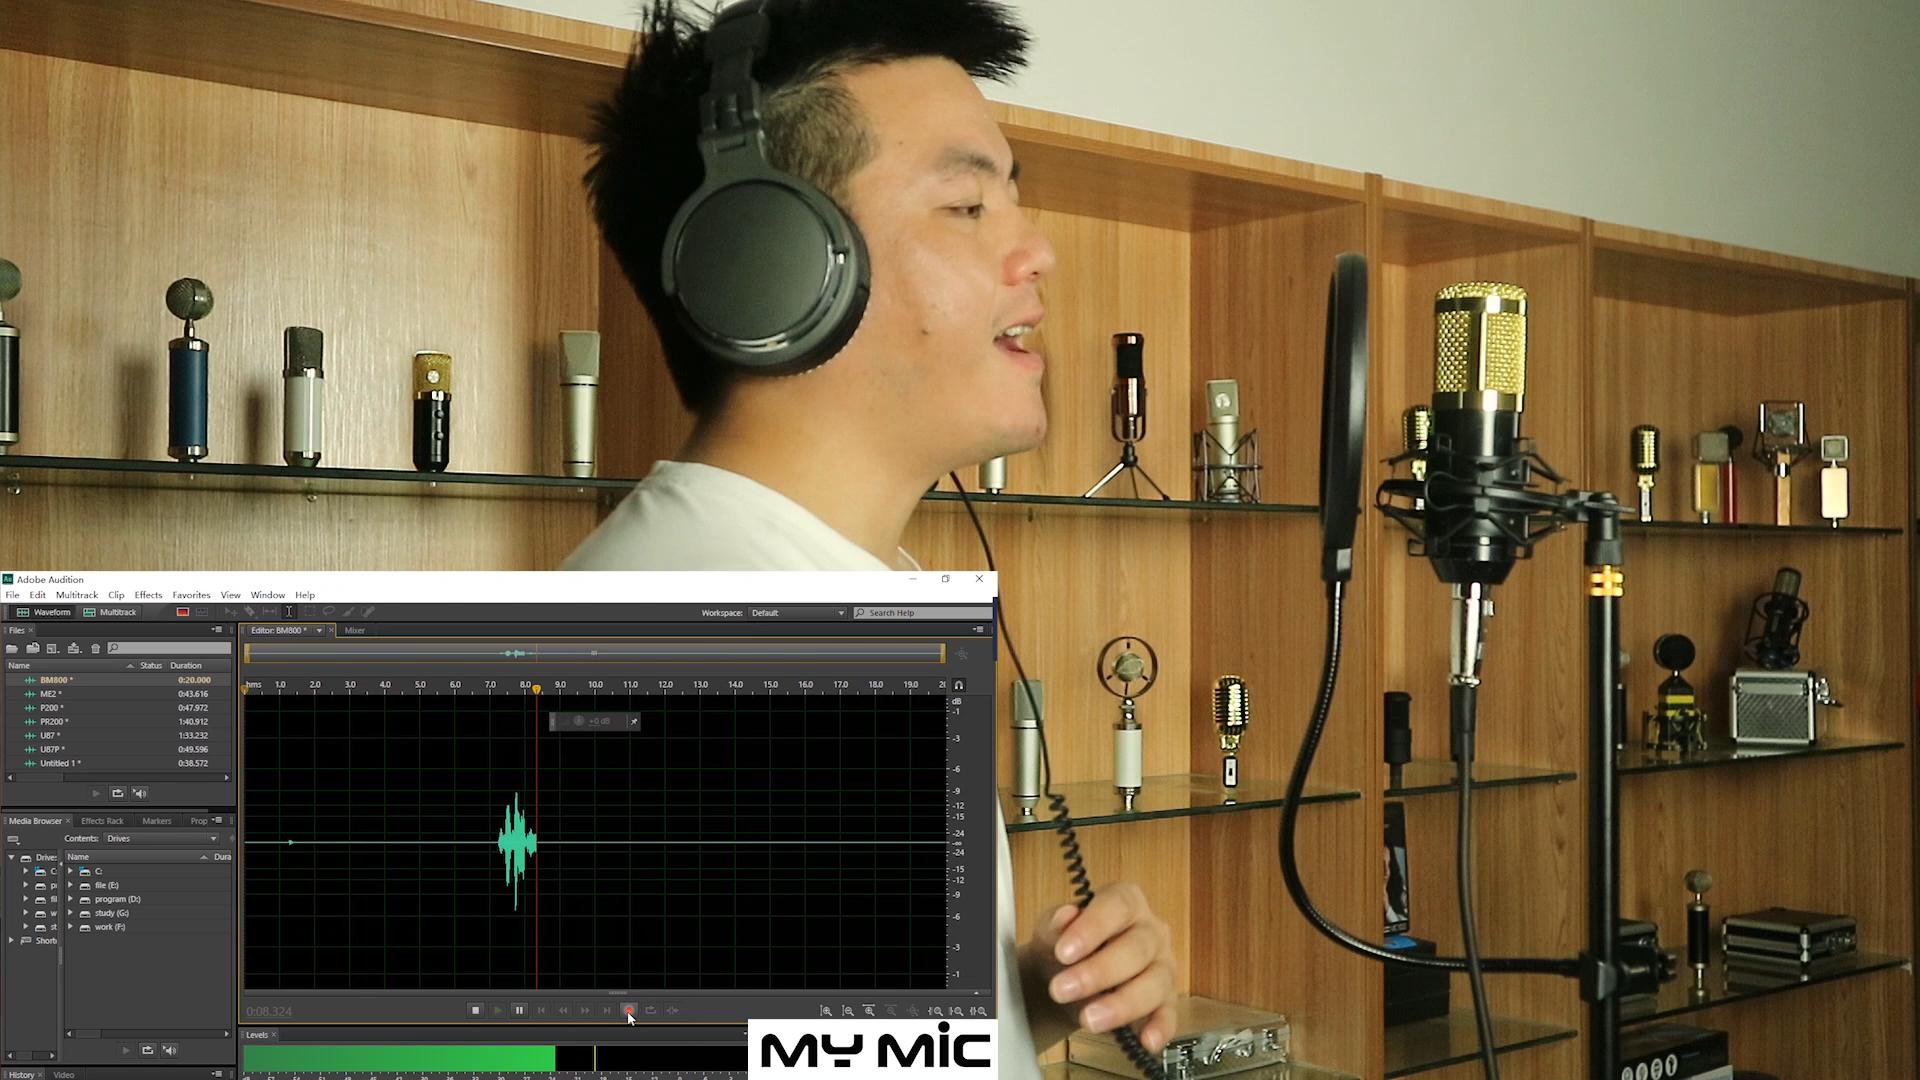 Venda quente china fonte da fábrica bm 800 microfone condensador de estúdio